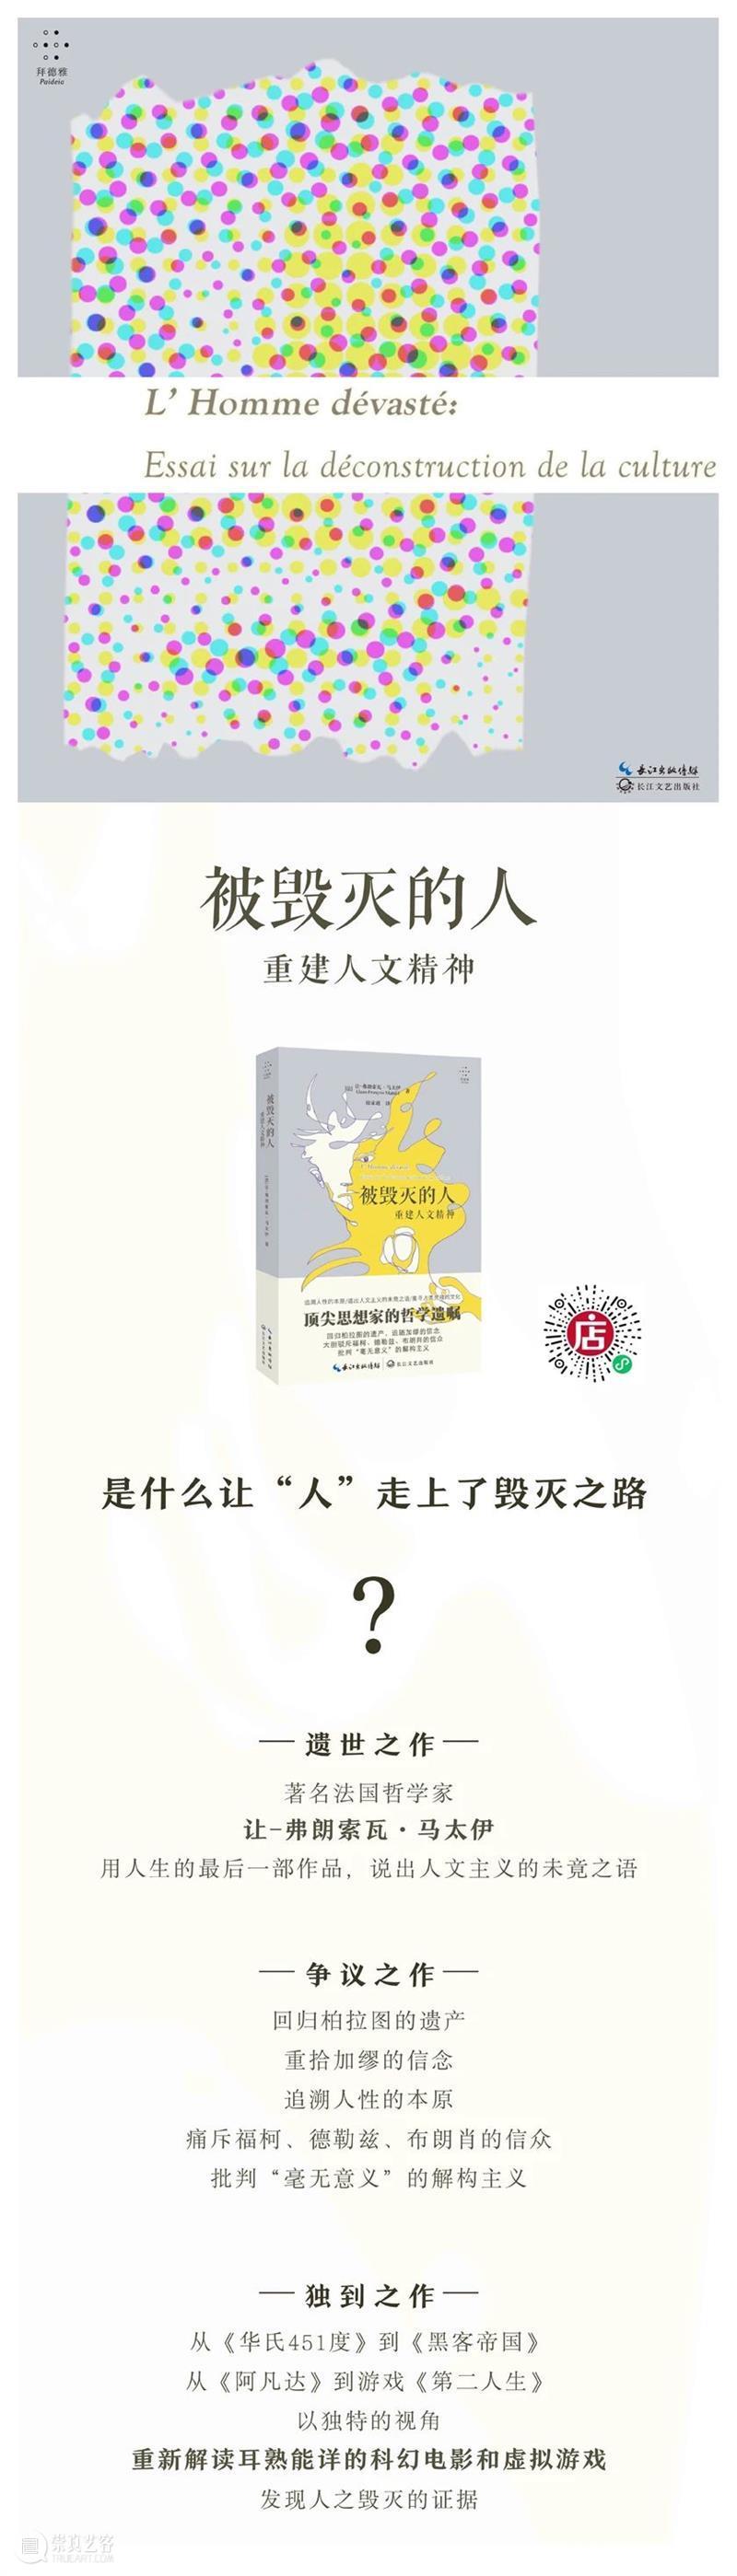 新书丨马太伊丨当人自己宣布人之死 崇真艺客